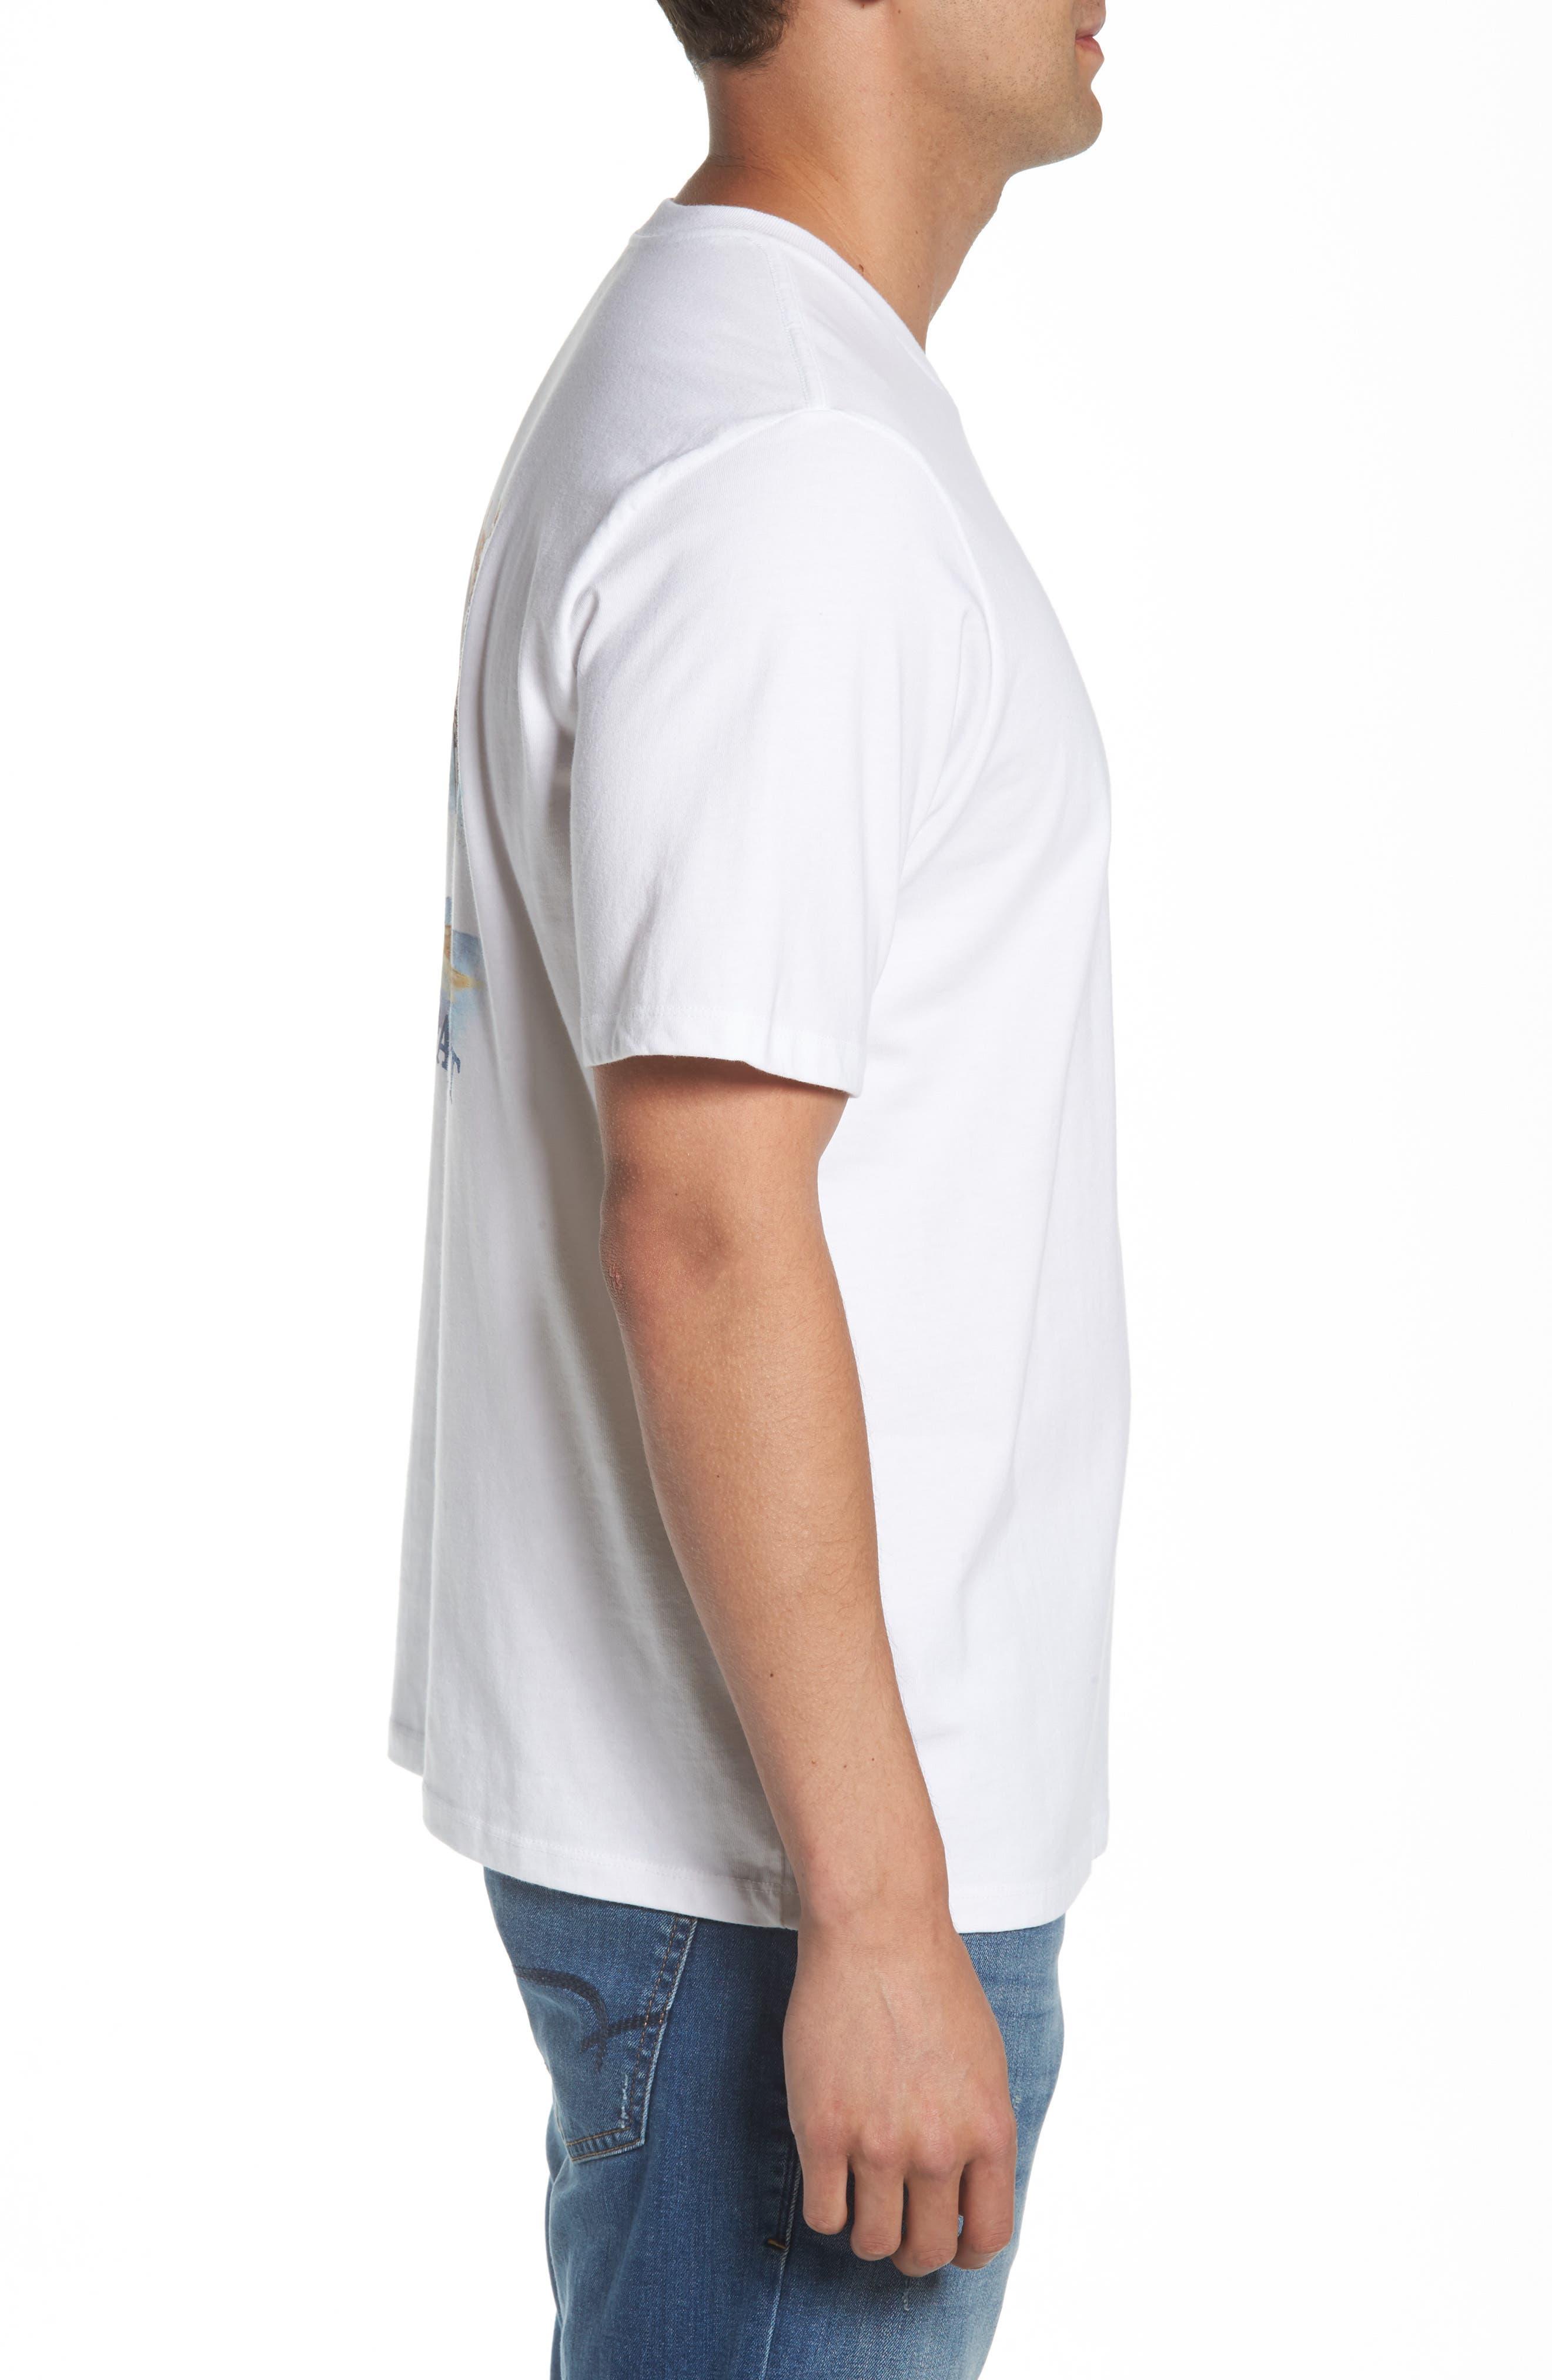 Pail-Eo Diet T-Shirt,                             Alternate thumbnail 3, color,                             White